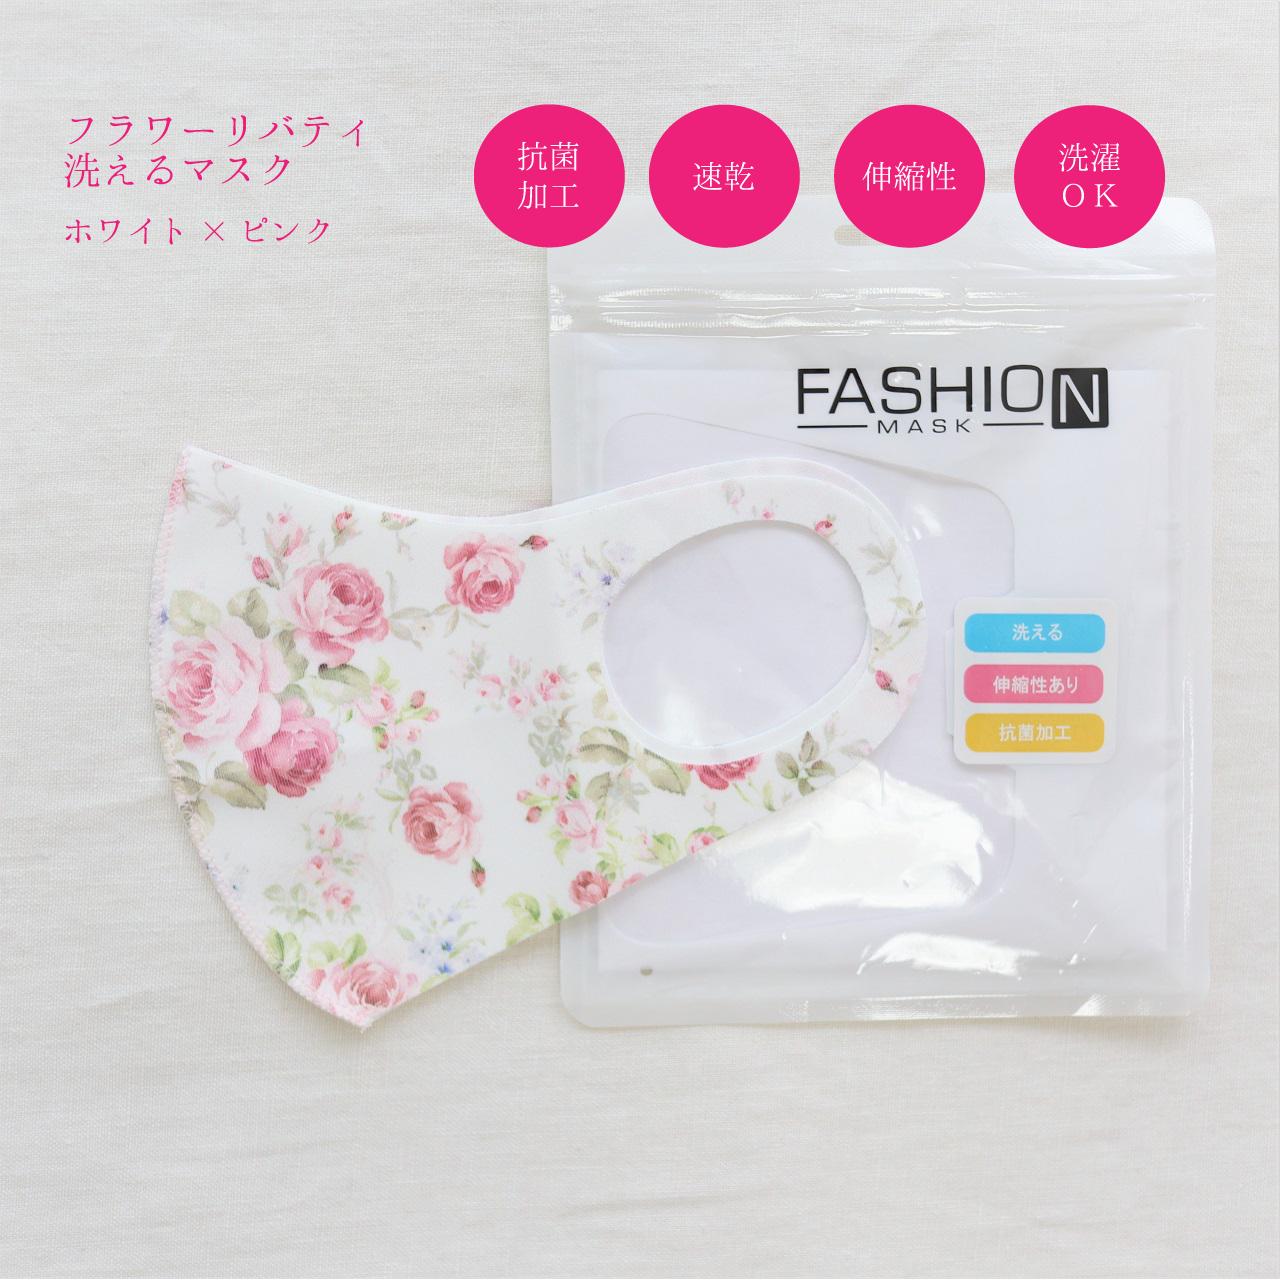 【マスク】洗えるフィットマスク フラワーリバティ ホワイト×ピンク